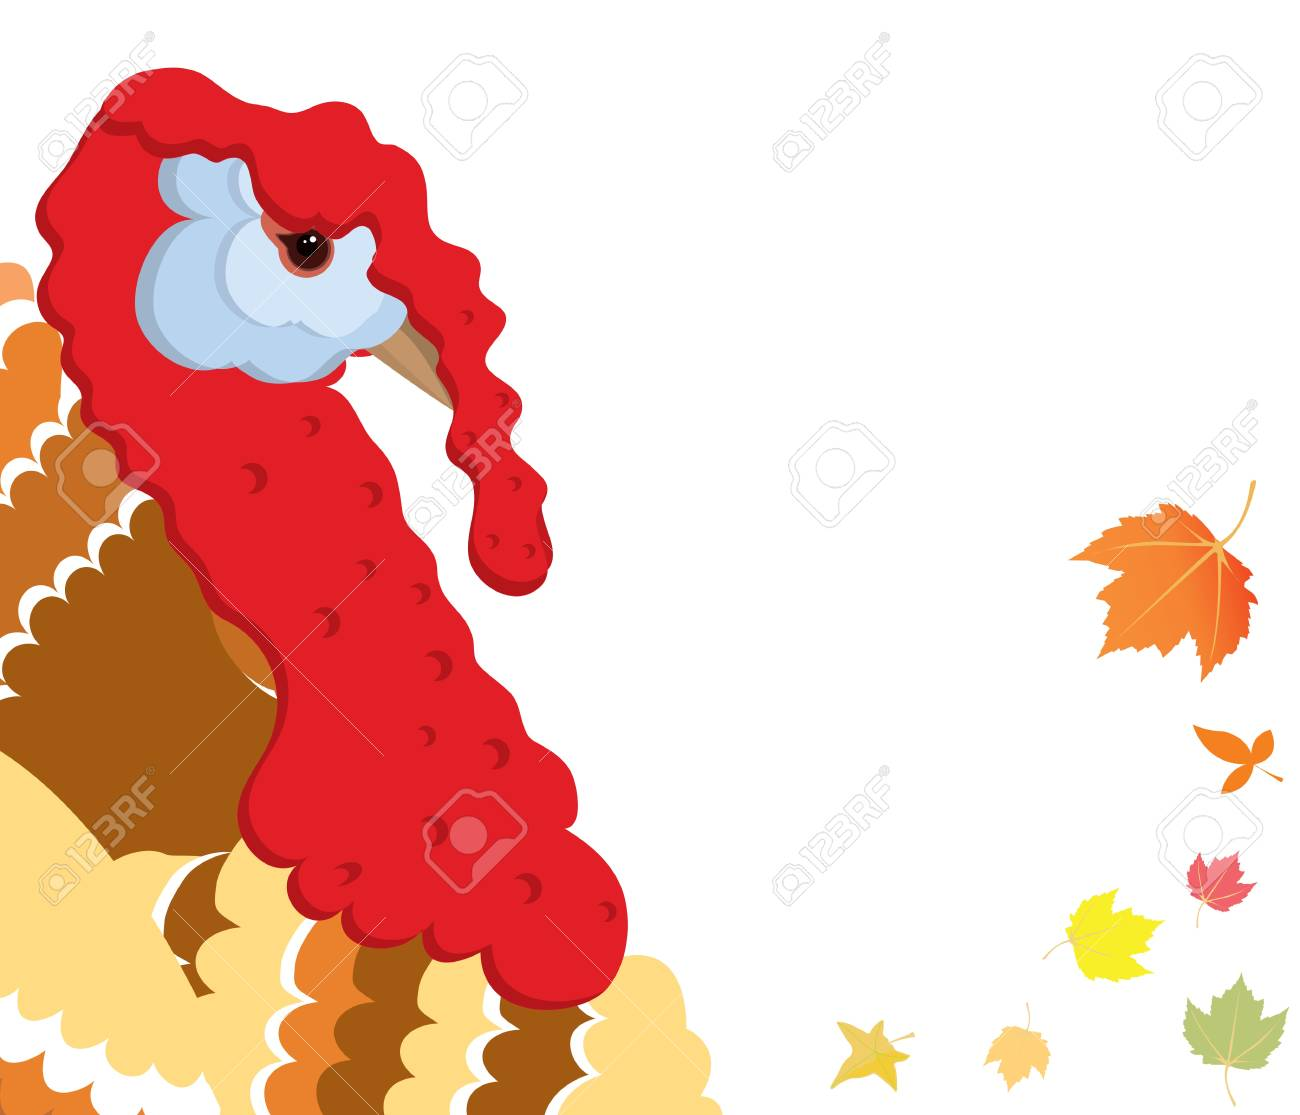 Vector illustration of turkey bird on whiye background Stock Vector - 15917217